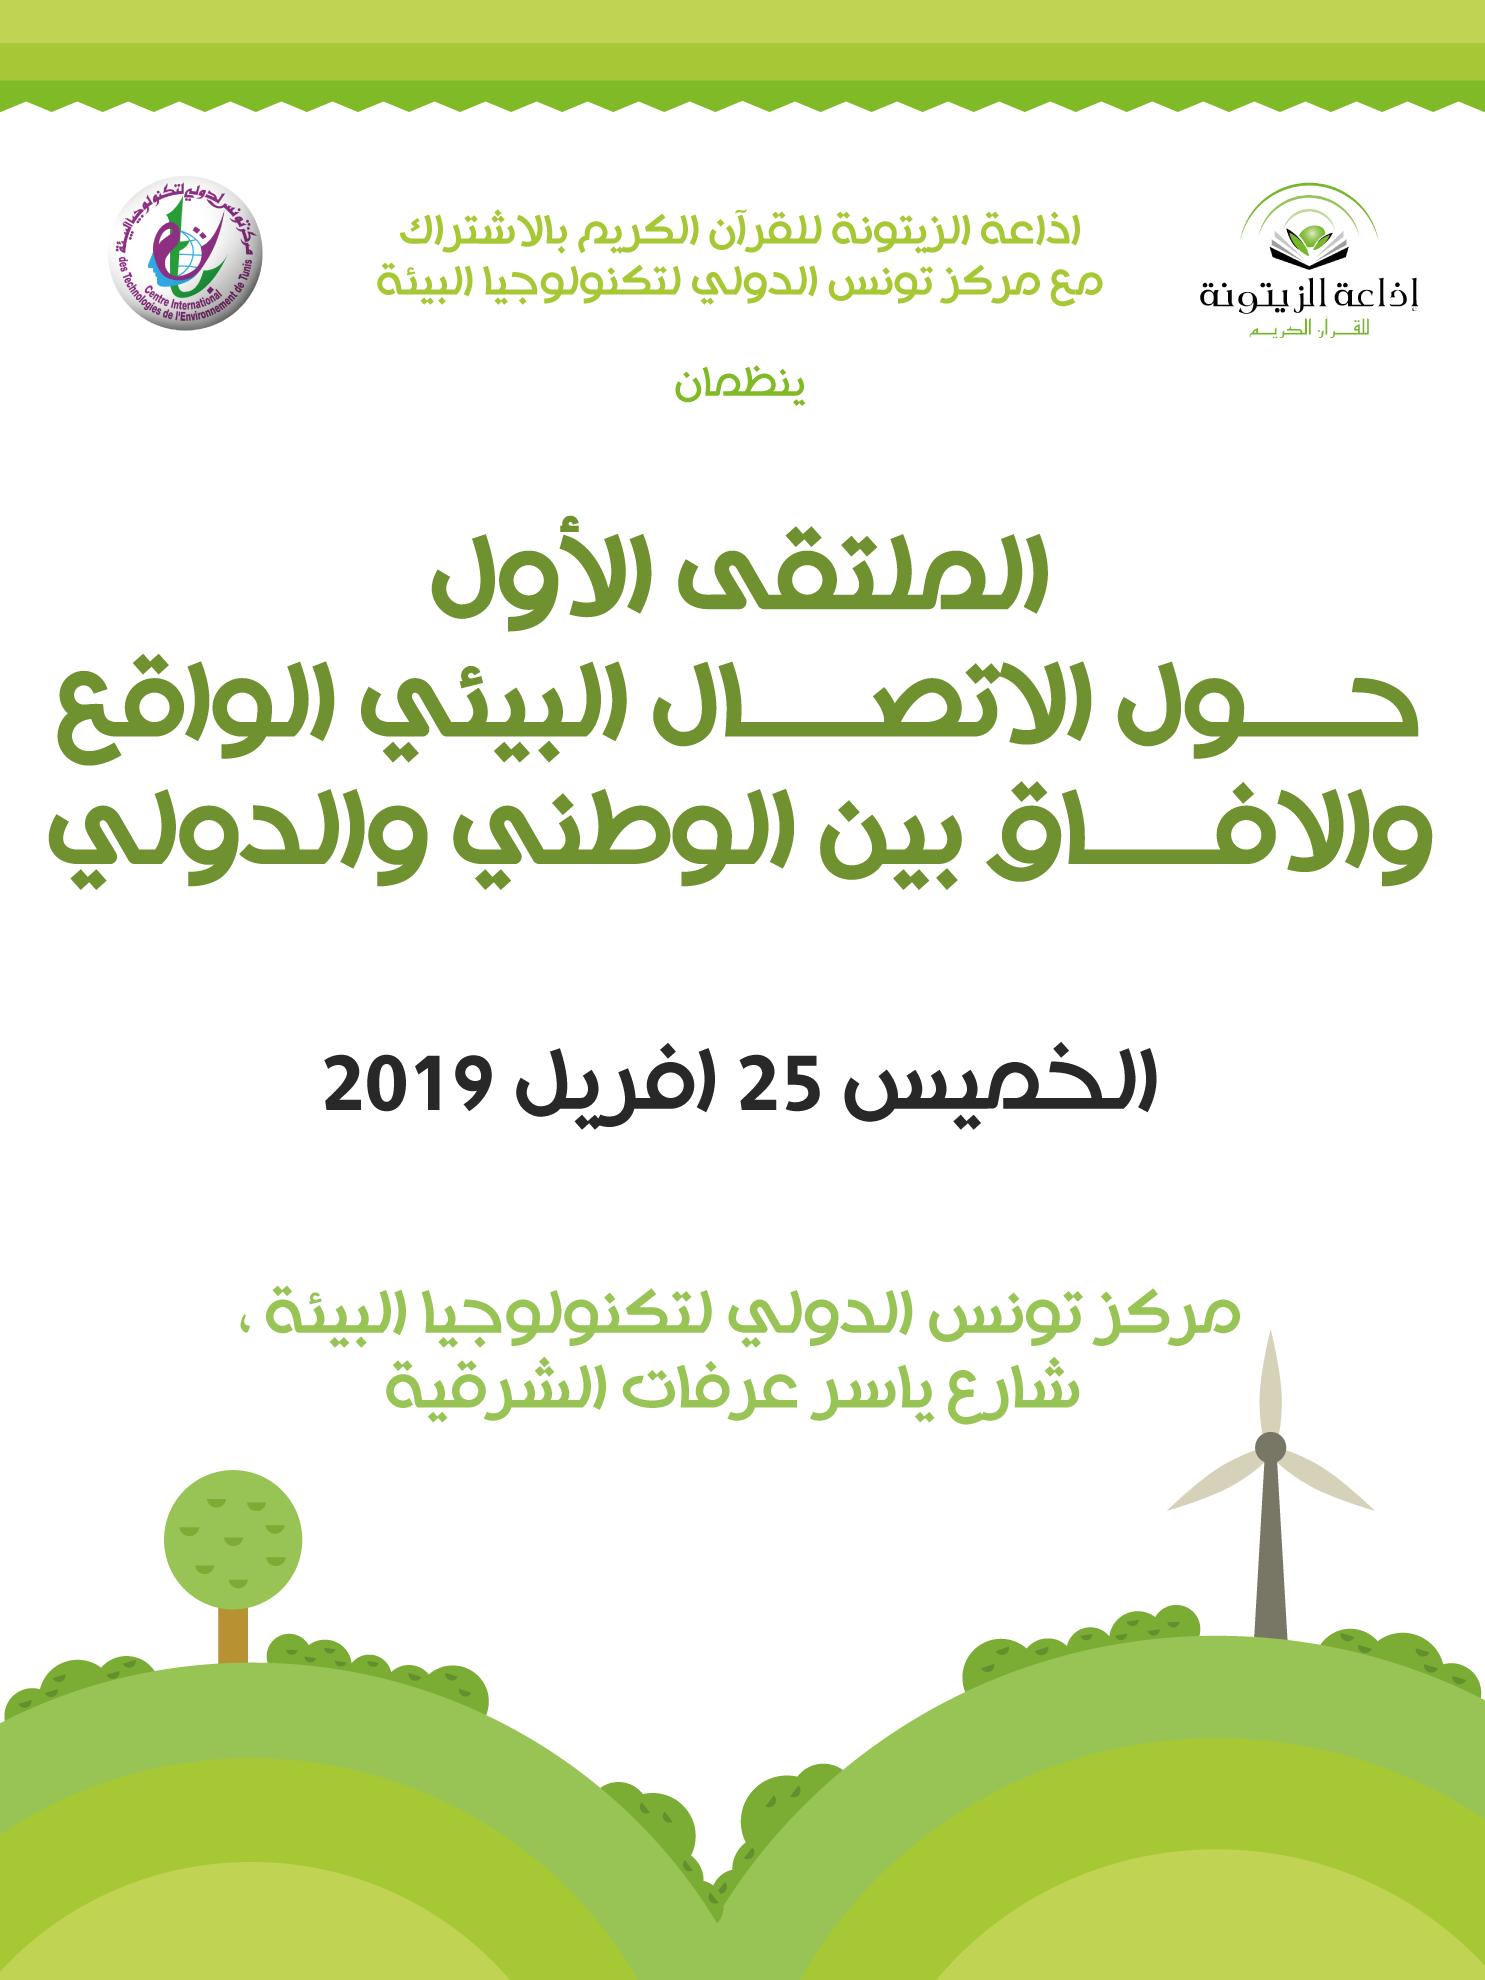 الملتقى الأول حــــول الاتصـــــال البيئي الواقع  والأفـاق بين الوطني والدولي  